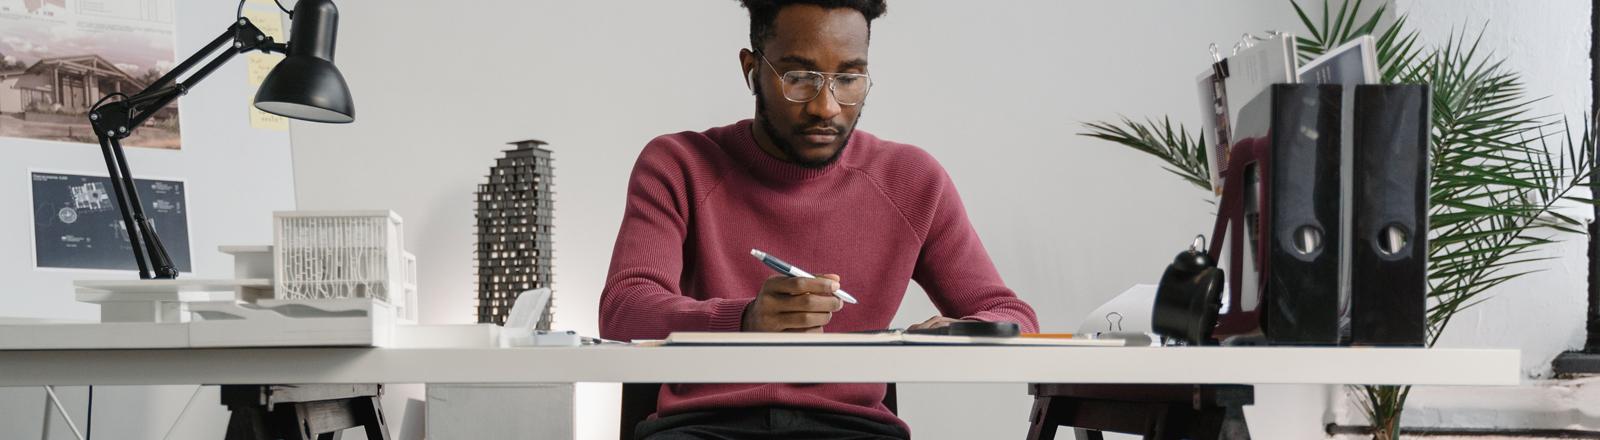 Ein Mann sitzt am Schreibtisch und arbeitet.